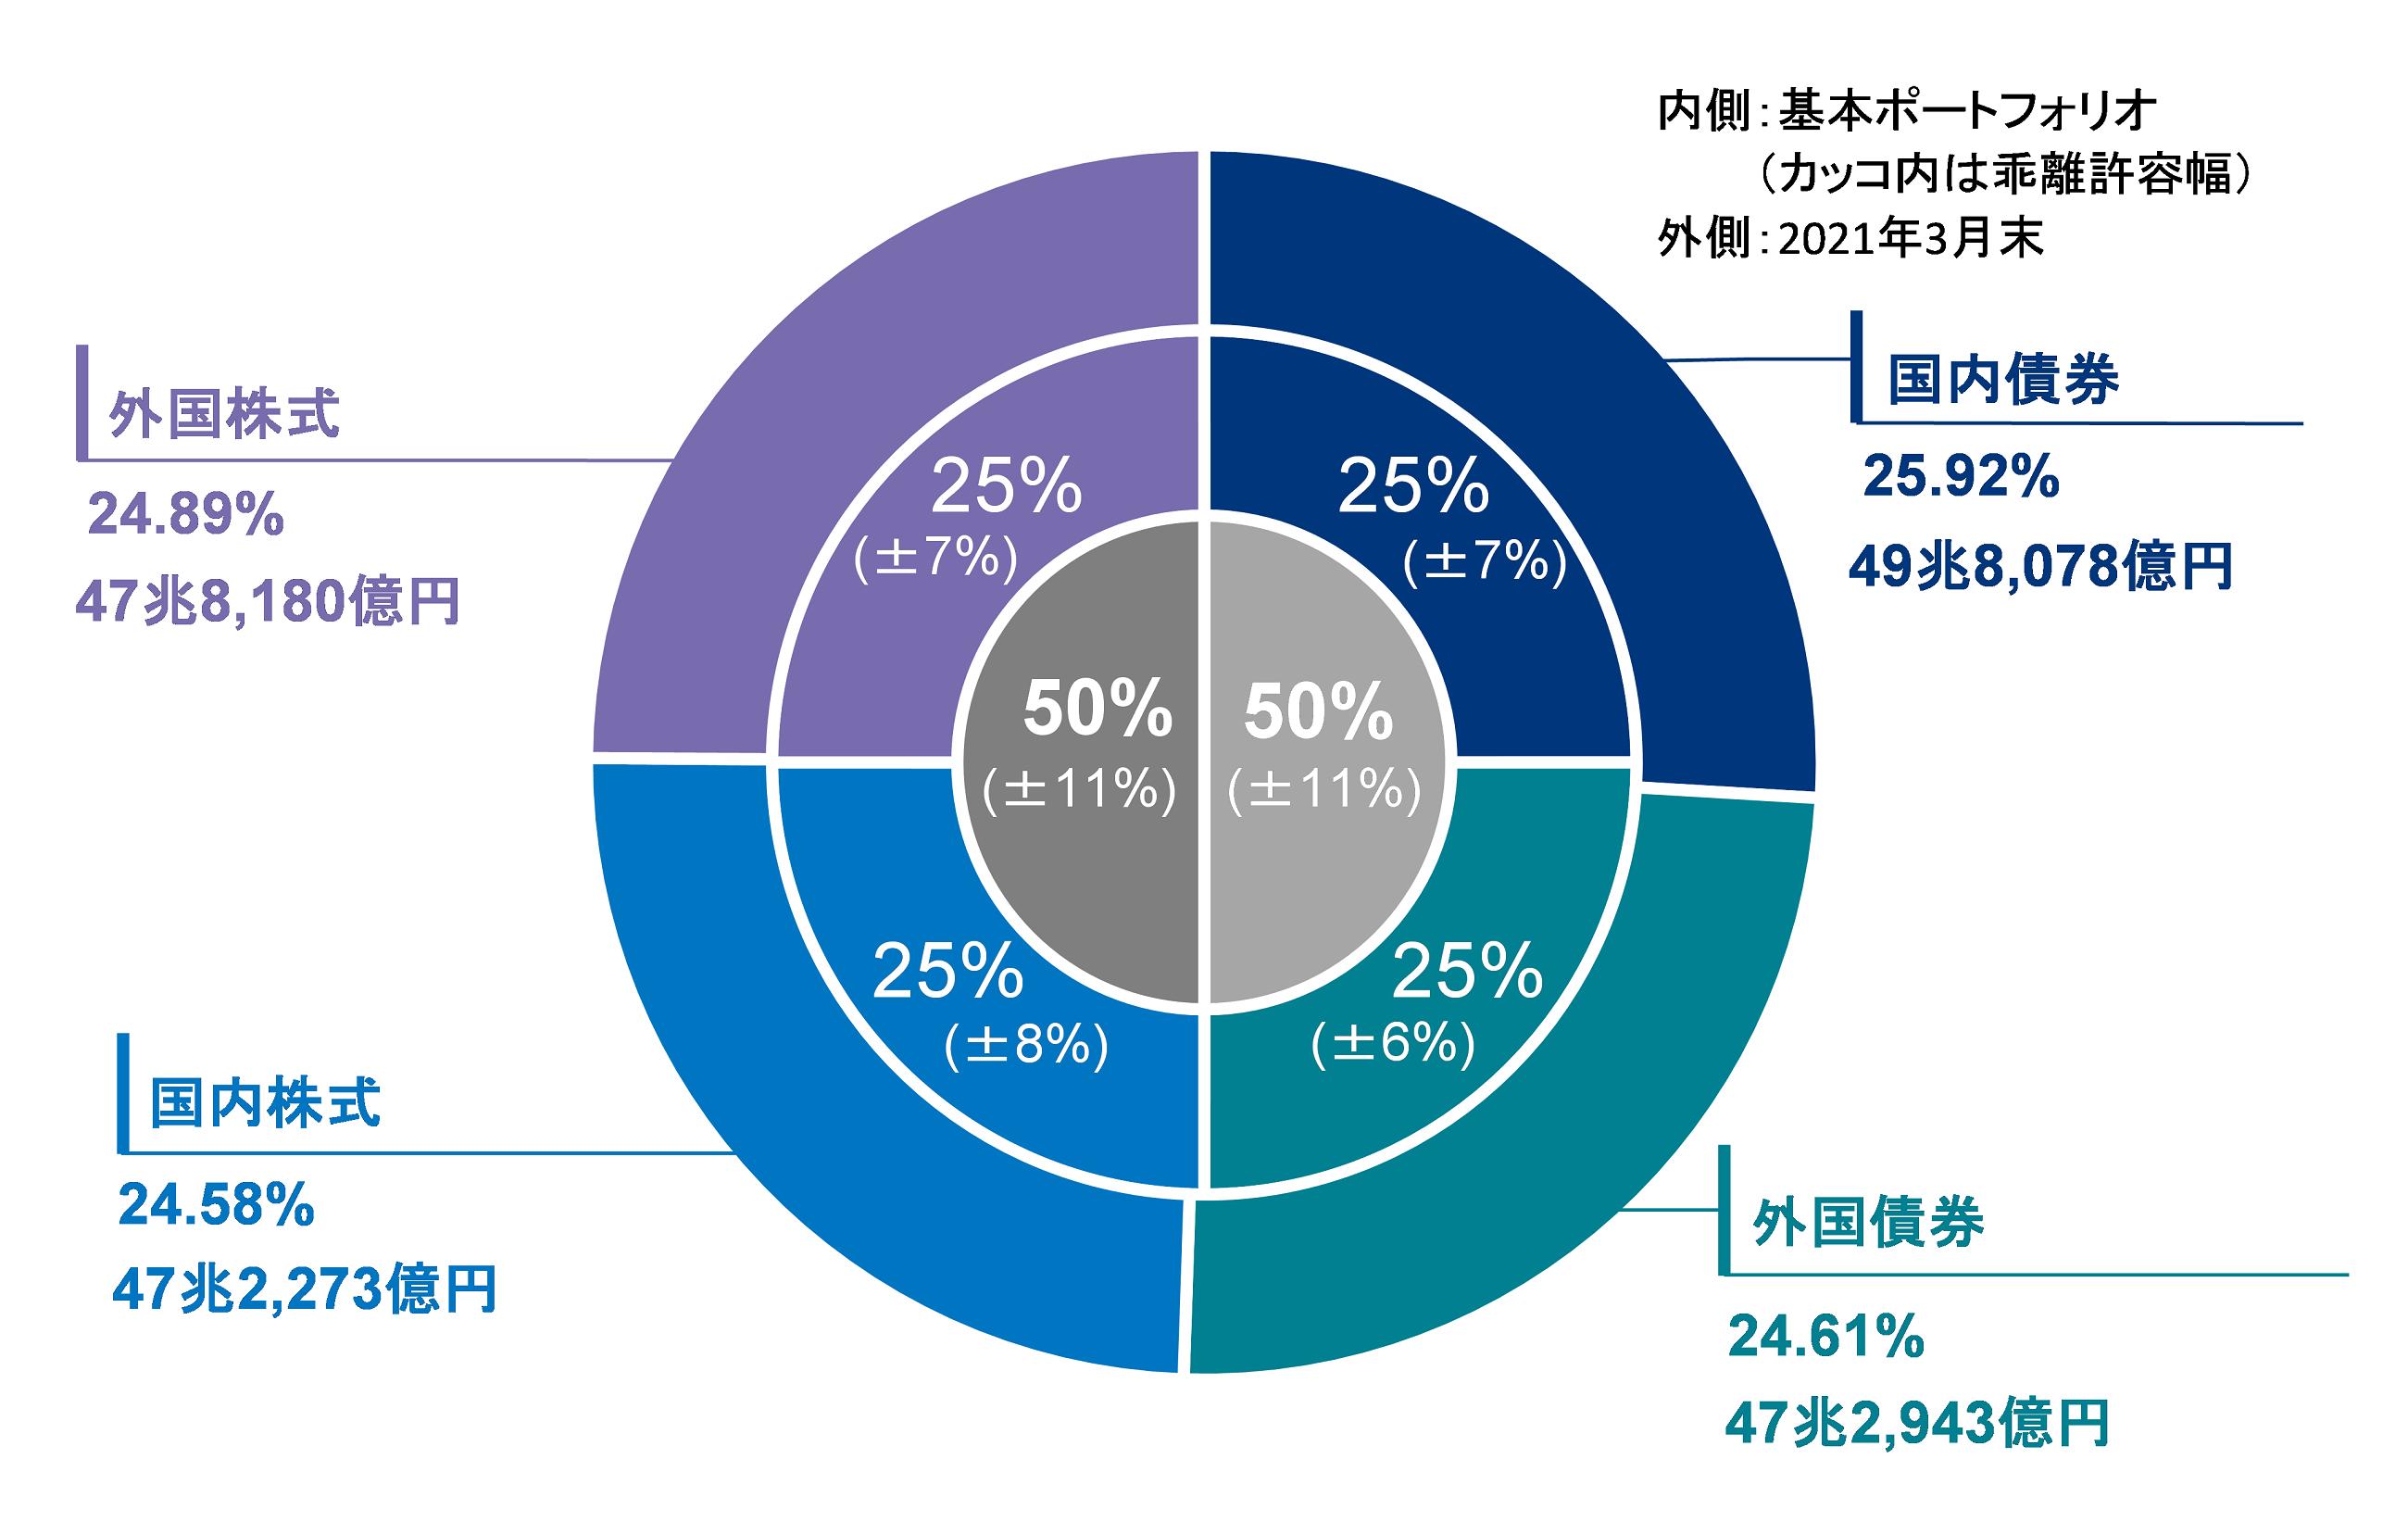 資産構成割合(年金積立金全体)